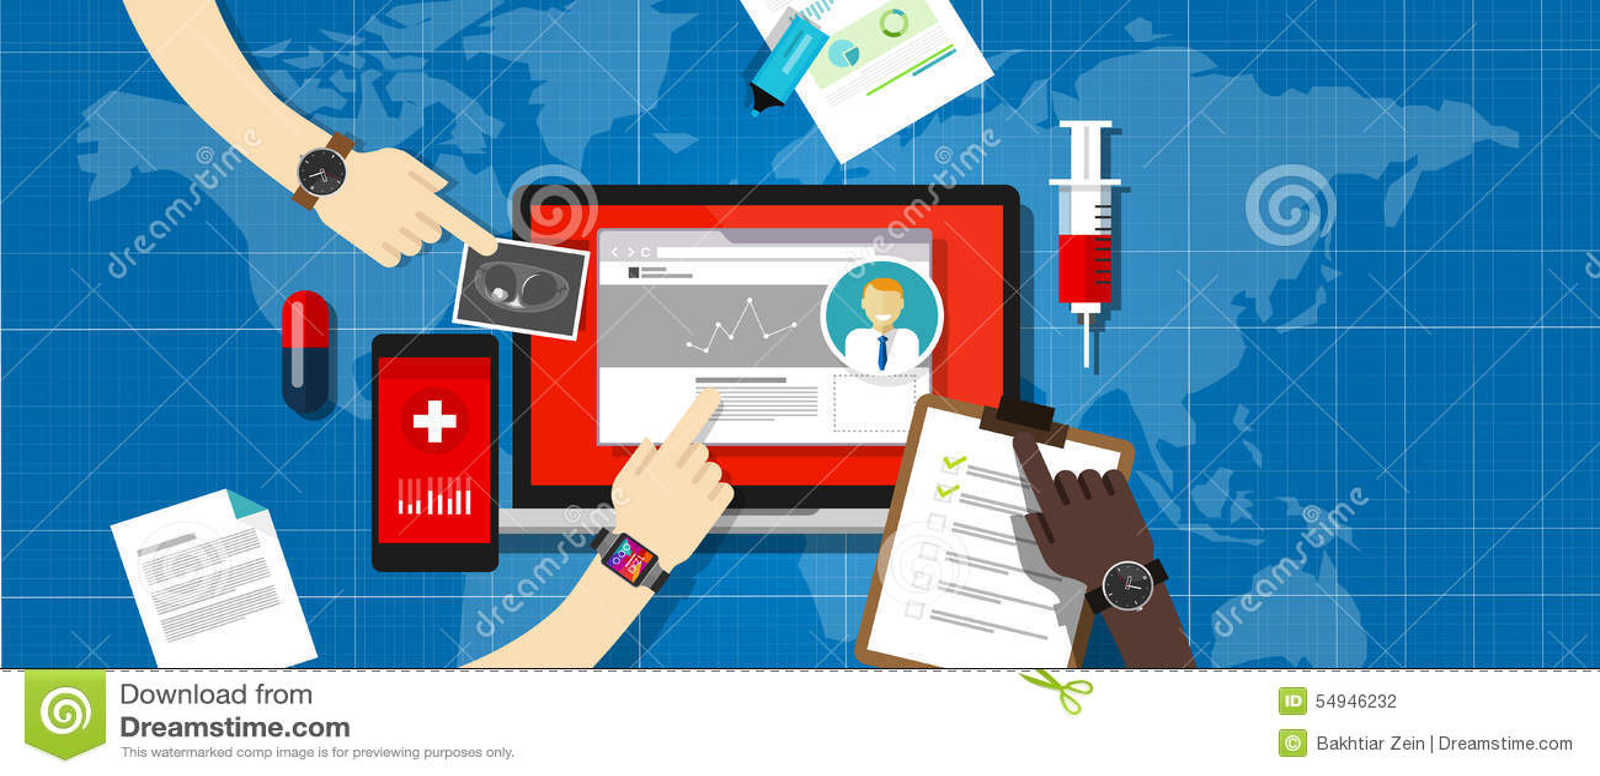 Больница информационной системы медицинской истории здоровья